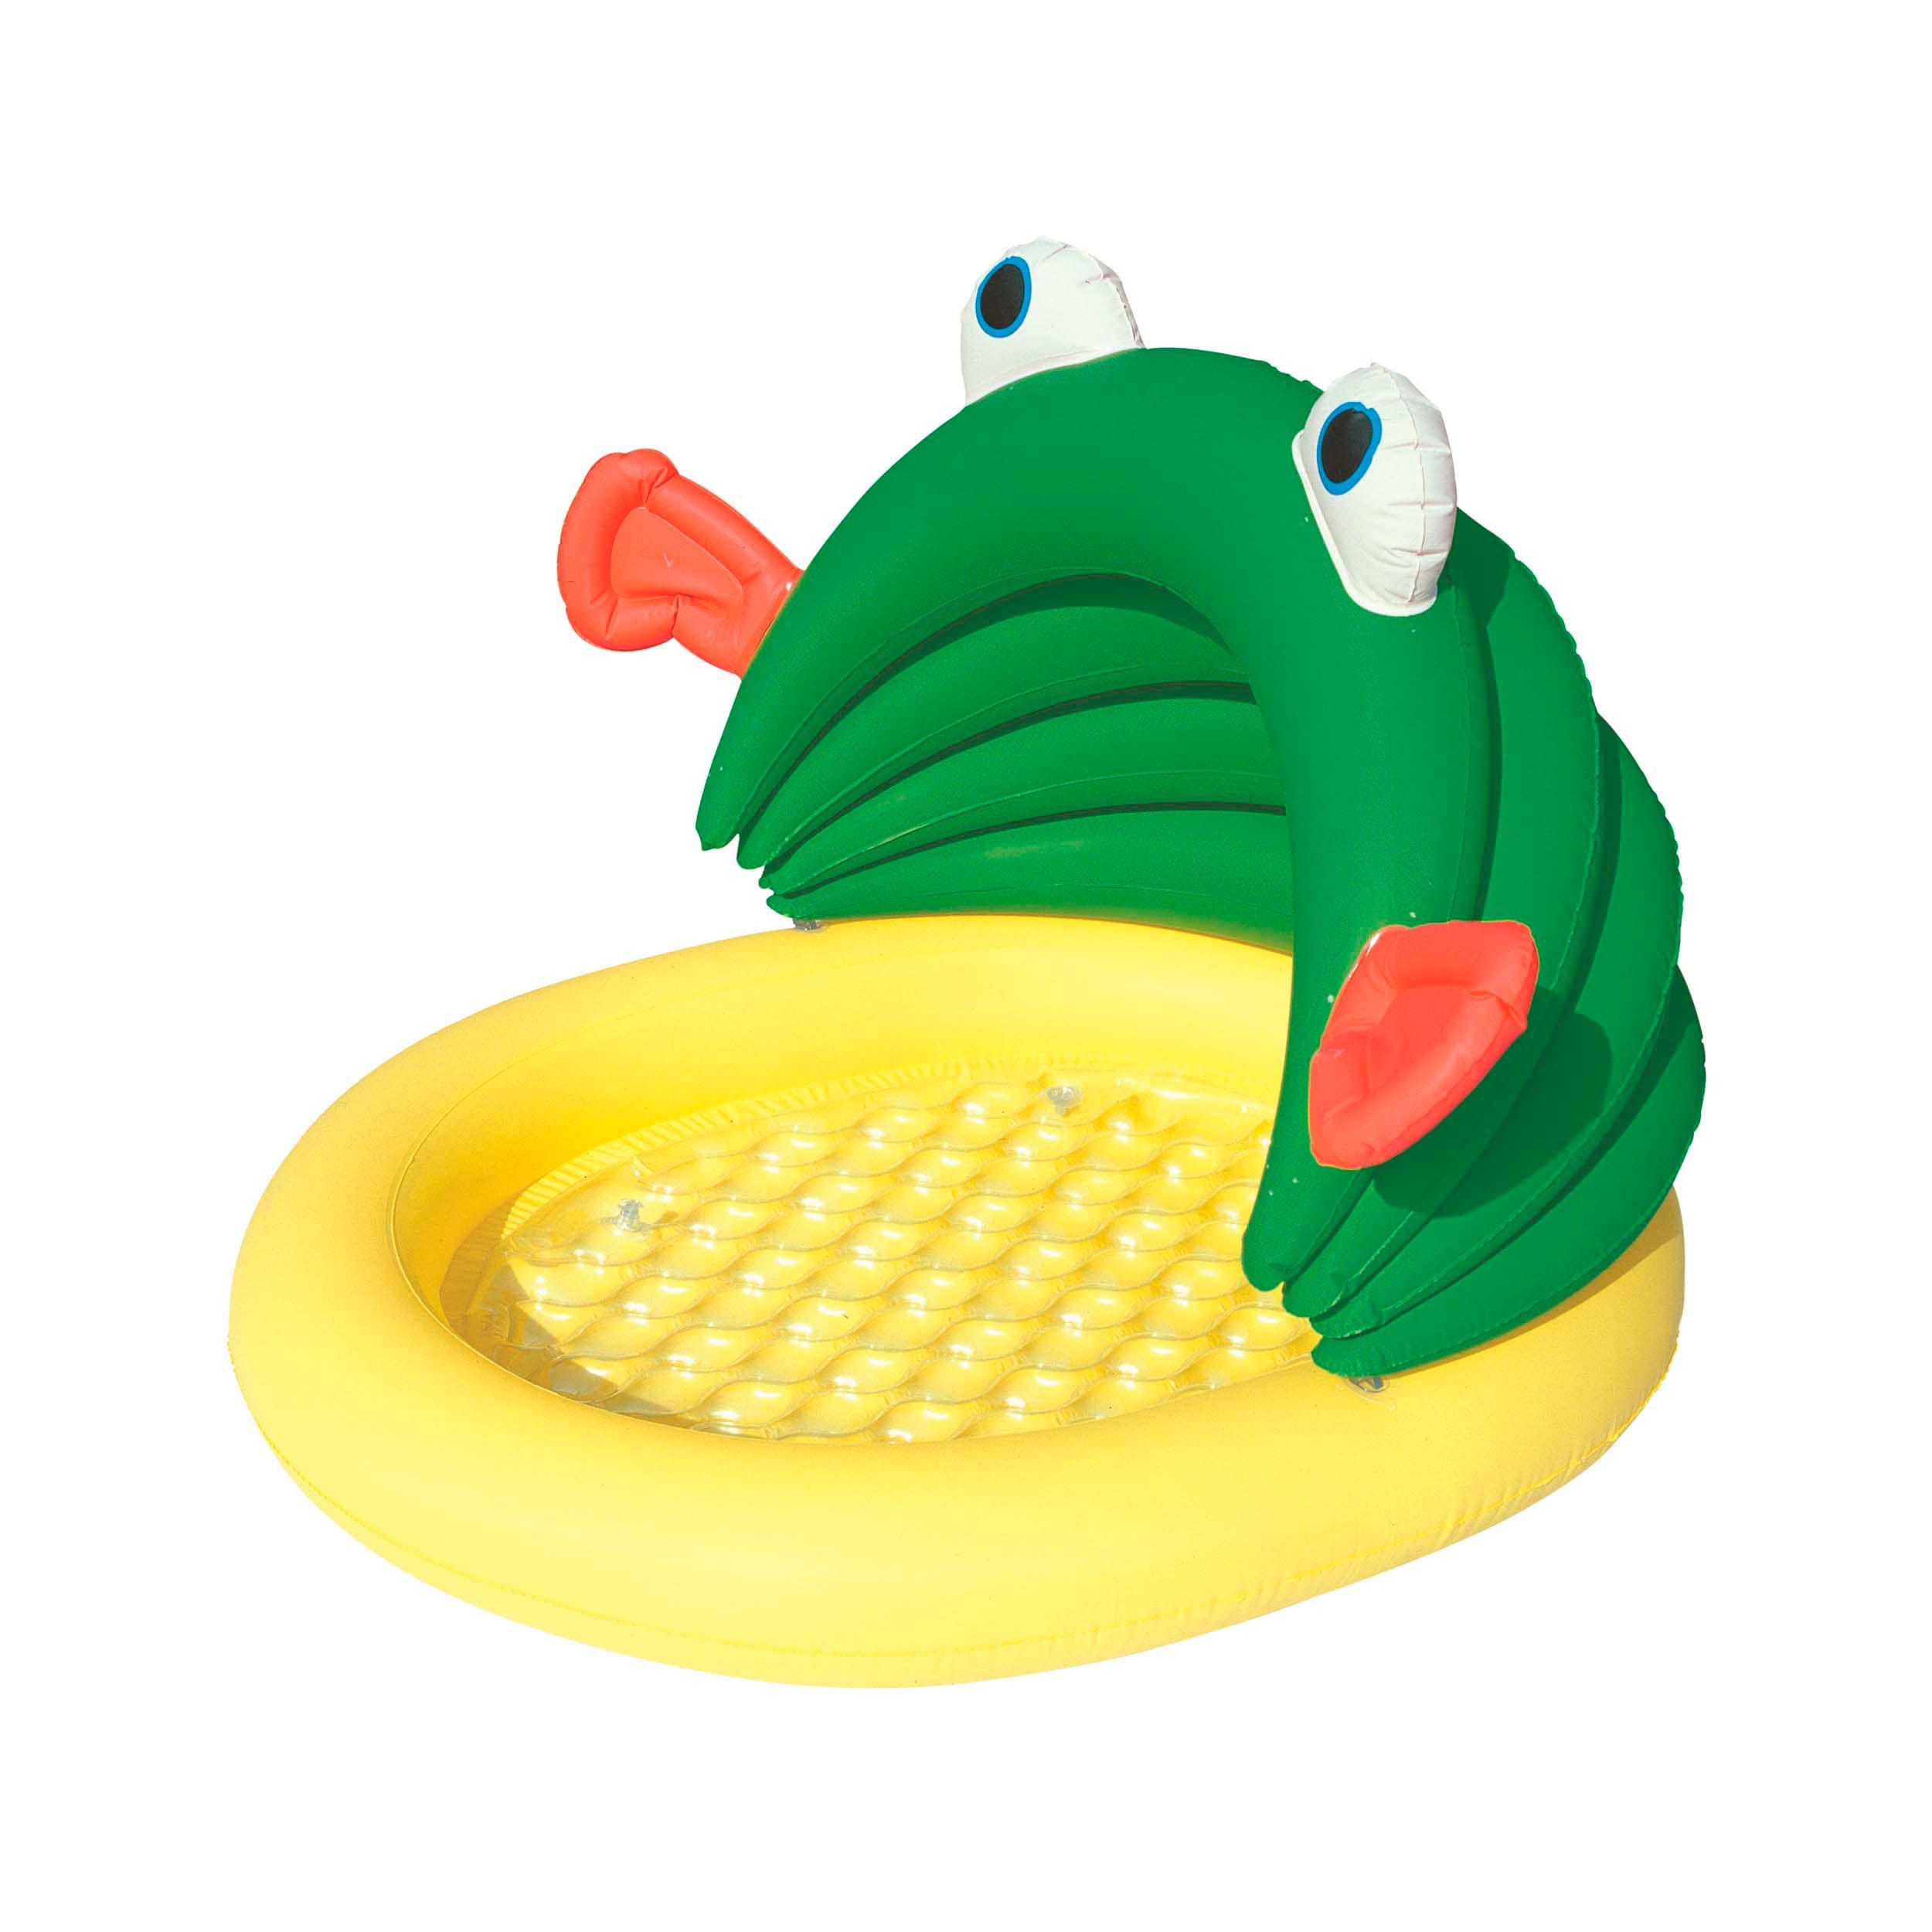 Bestway Fish and Me Kiddie Pool (1), Green